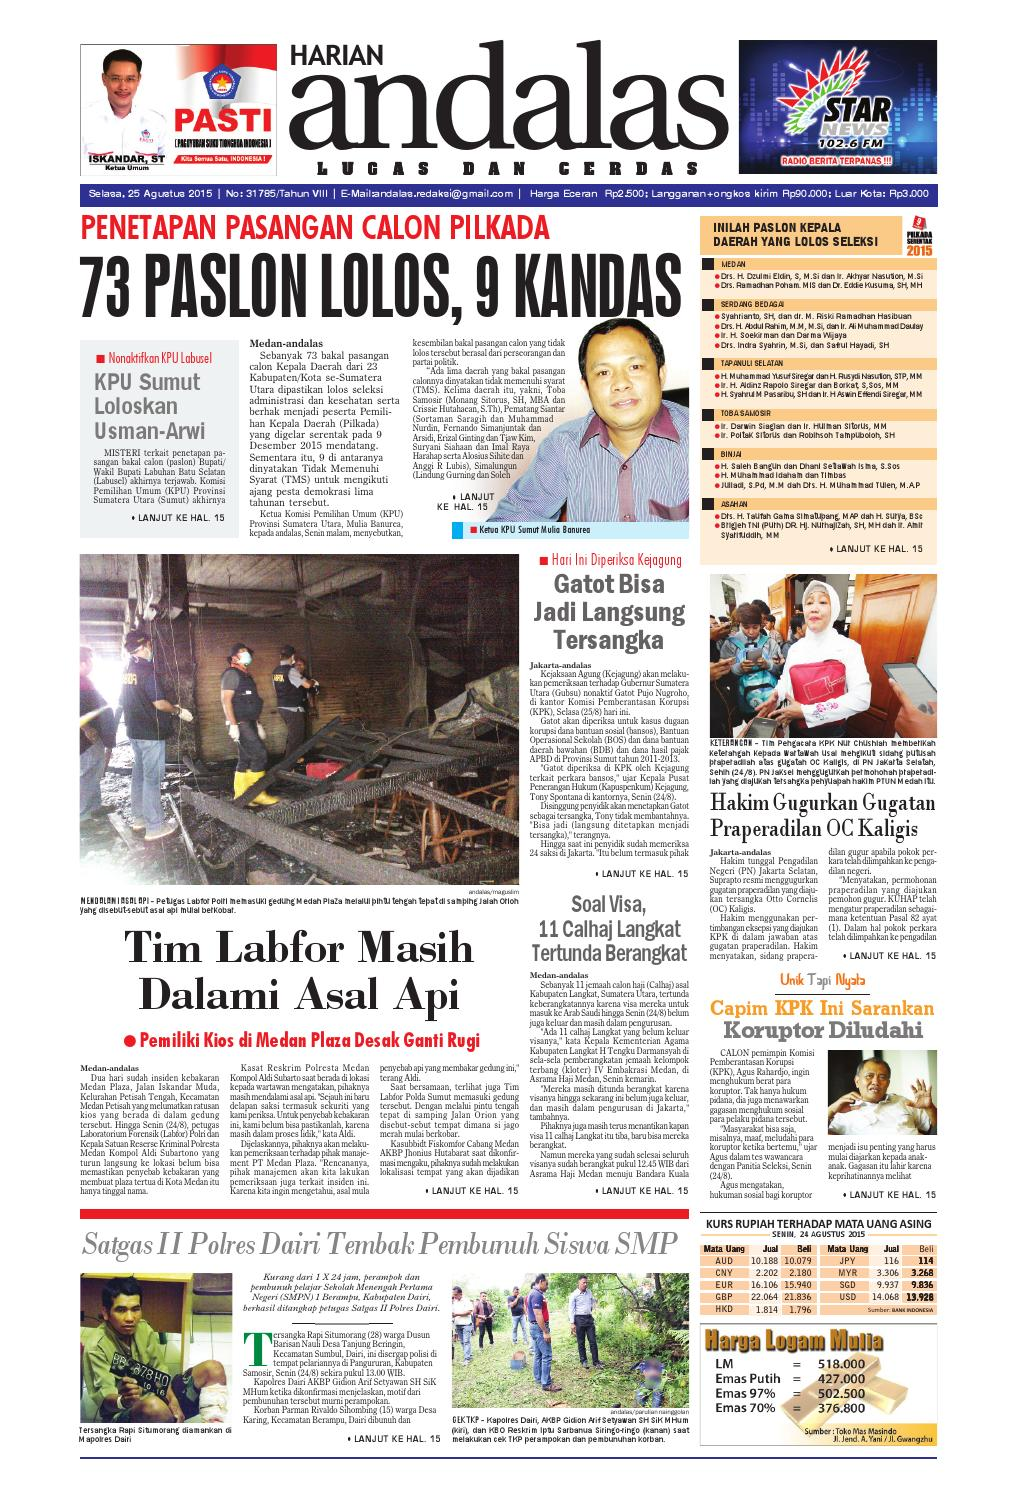 Epaper Andalas Edisi Selasa 25 Agustus 2015 By Media Issuu Fcenter Meja Belajar Sd Hk 9004 Sh Jawa Tengah